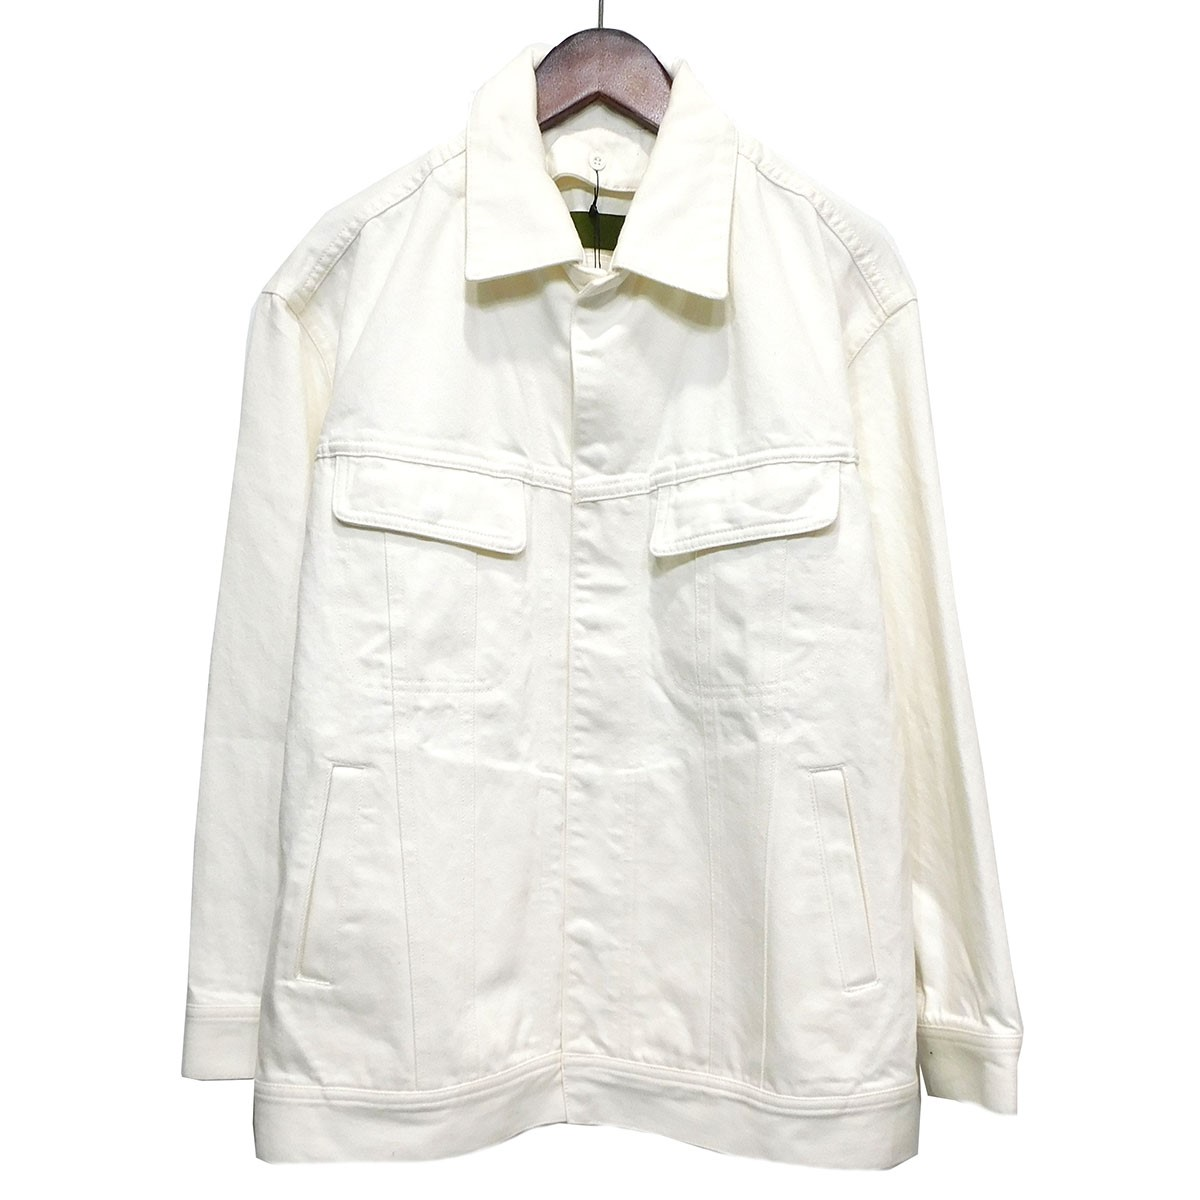 【中古】UNION LAUNCHデニムジャケット ホワイト サイズ:F 【5月14日見直し】